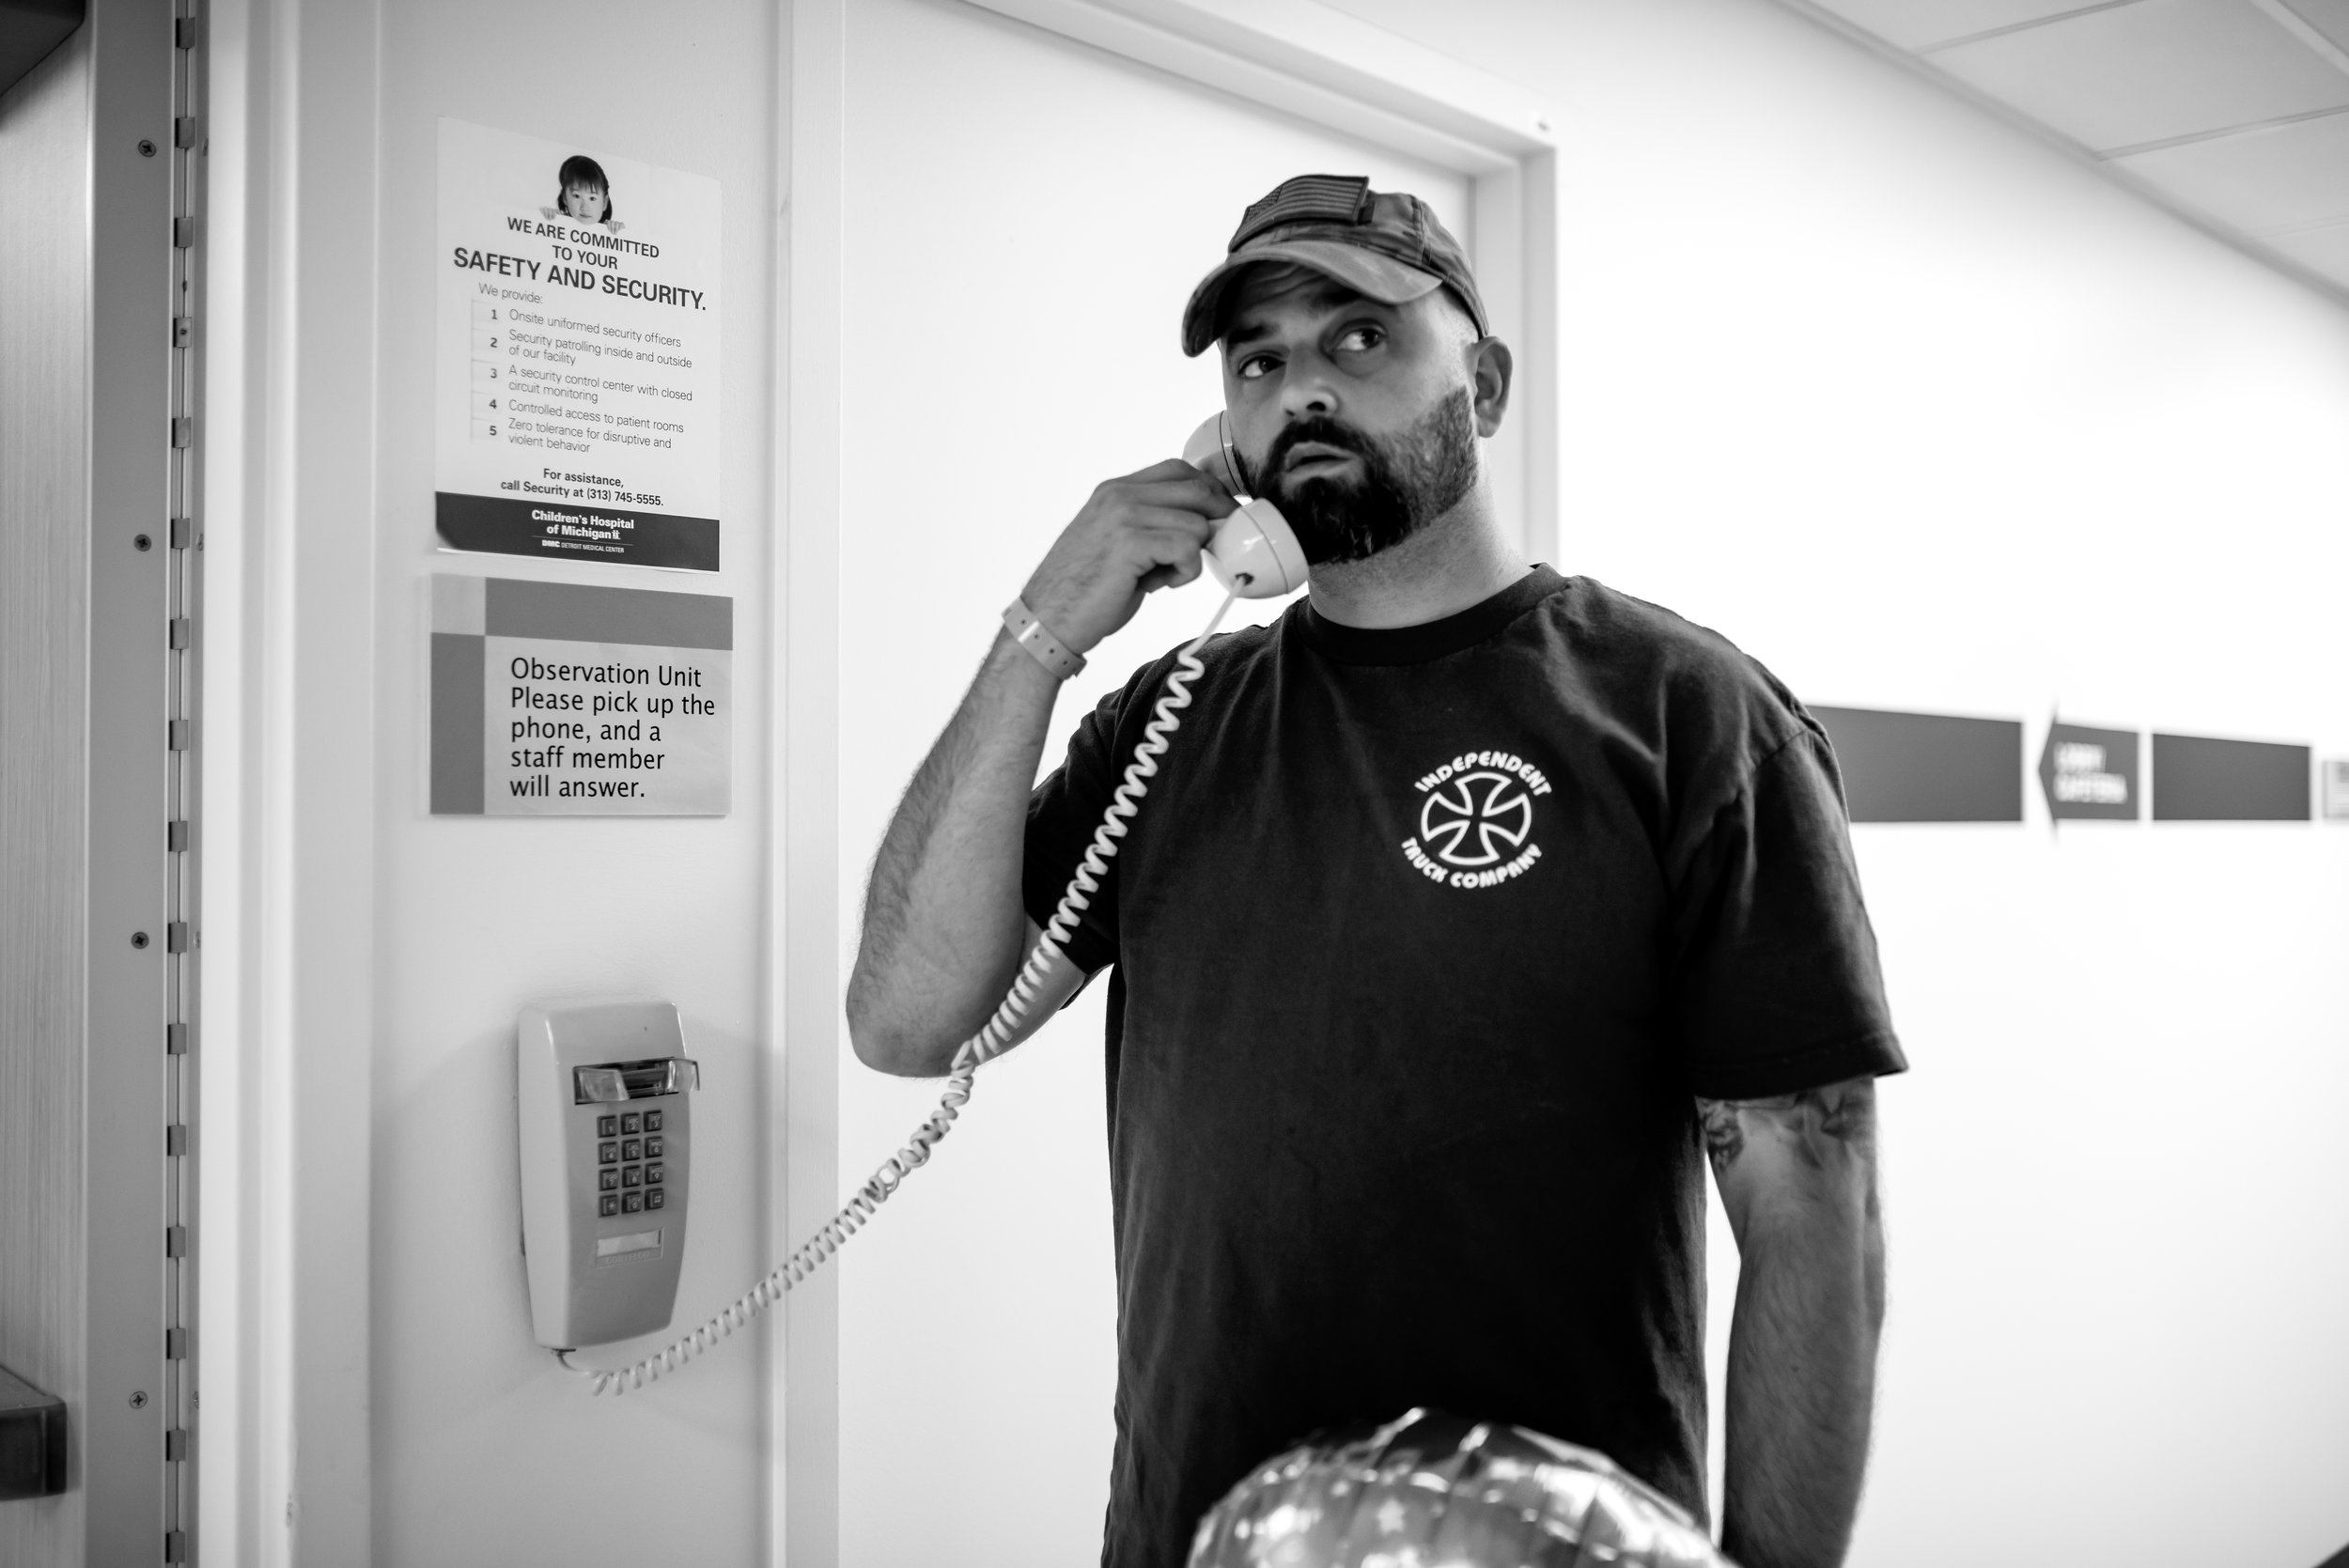 Dad calls to enter observation unit